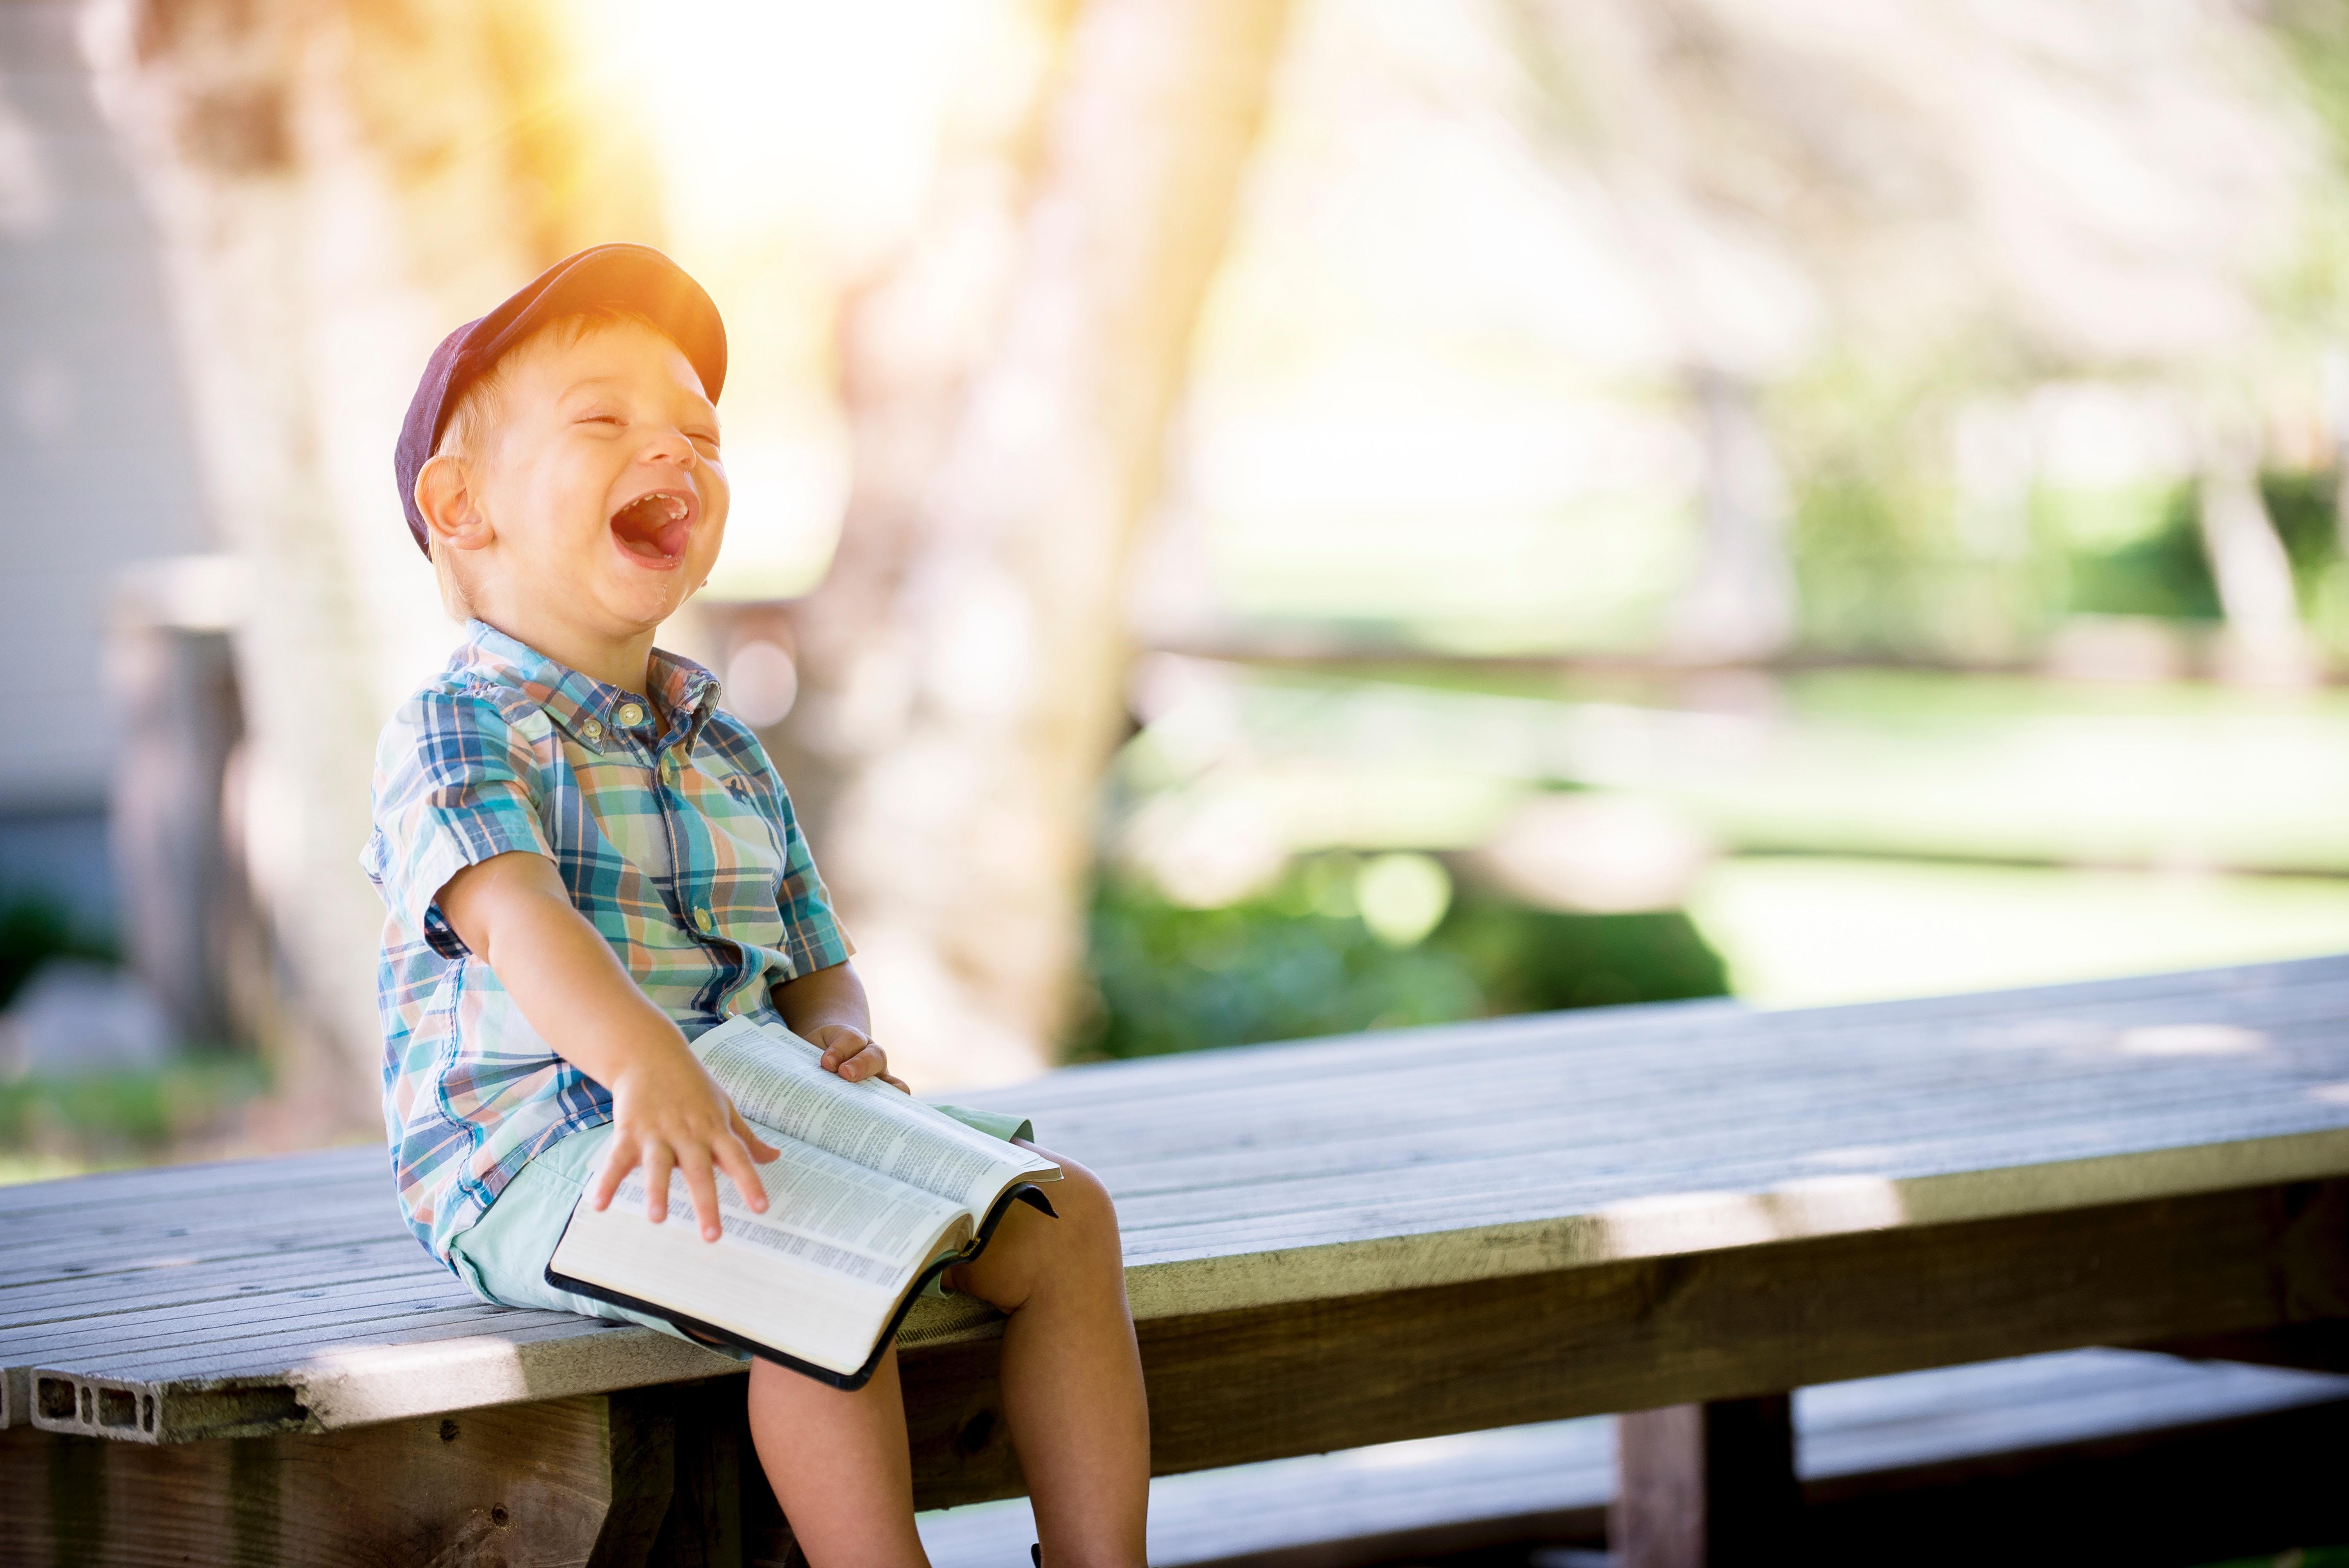 Ini Ciri-Ciri Anak Cerdas Menurut Psikolog